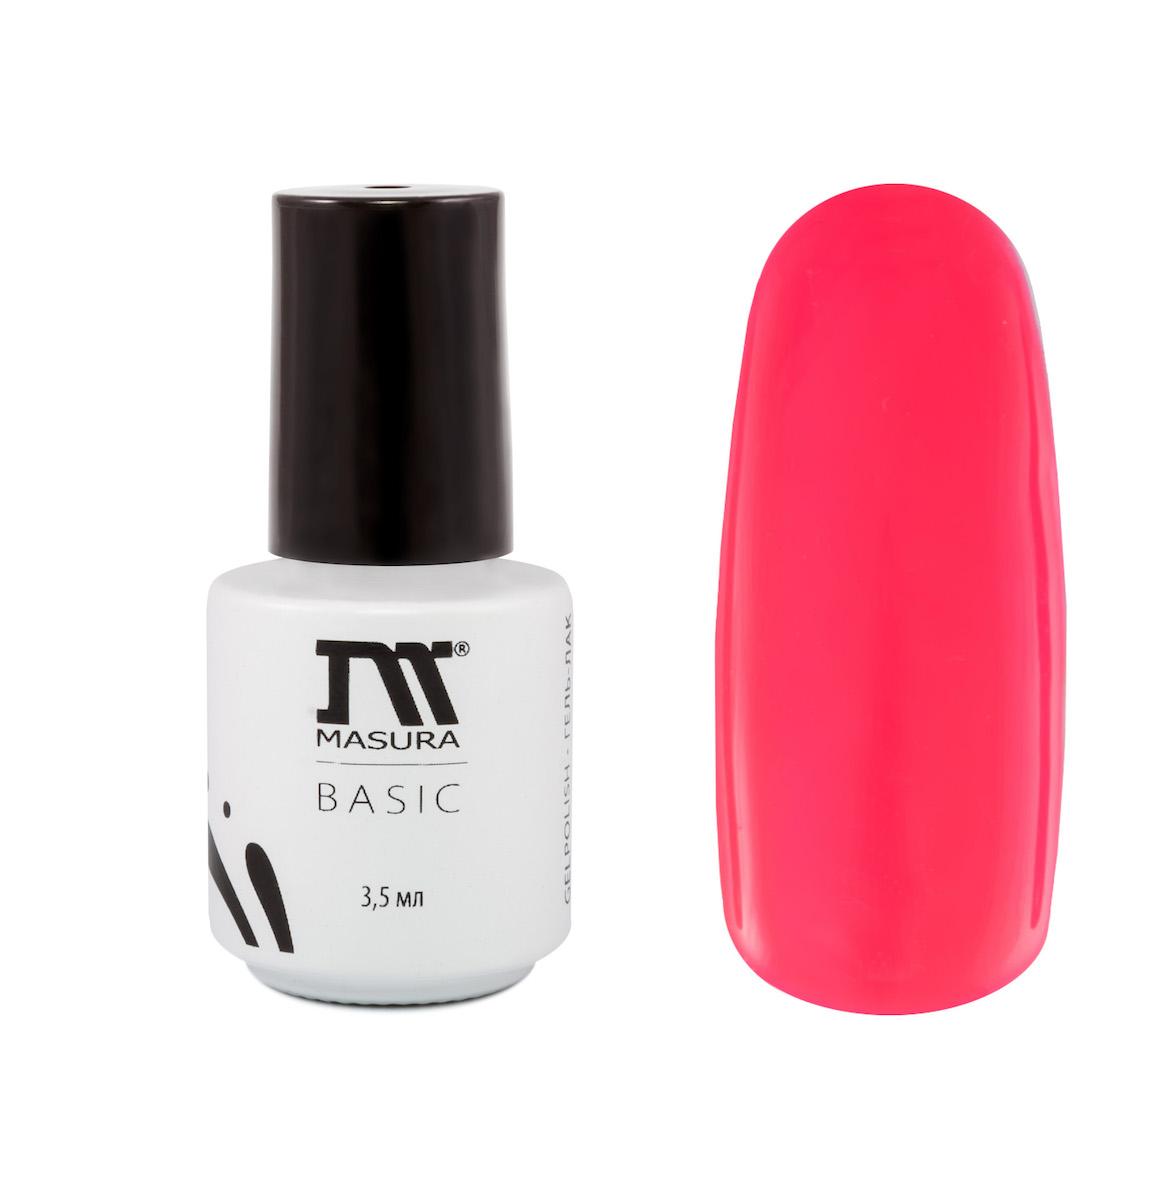 Masura Гель-лак BASIC Поцелуй на Вылет 3,5 мл28032022Неоново-розовый, без блесток и перламутра, плотный